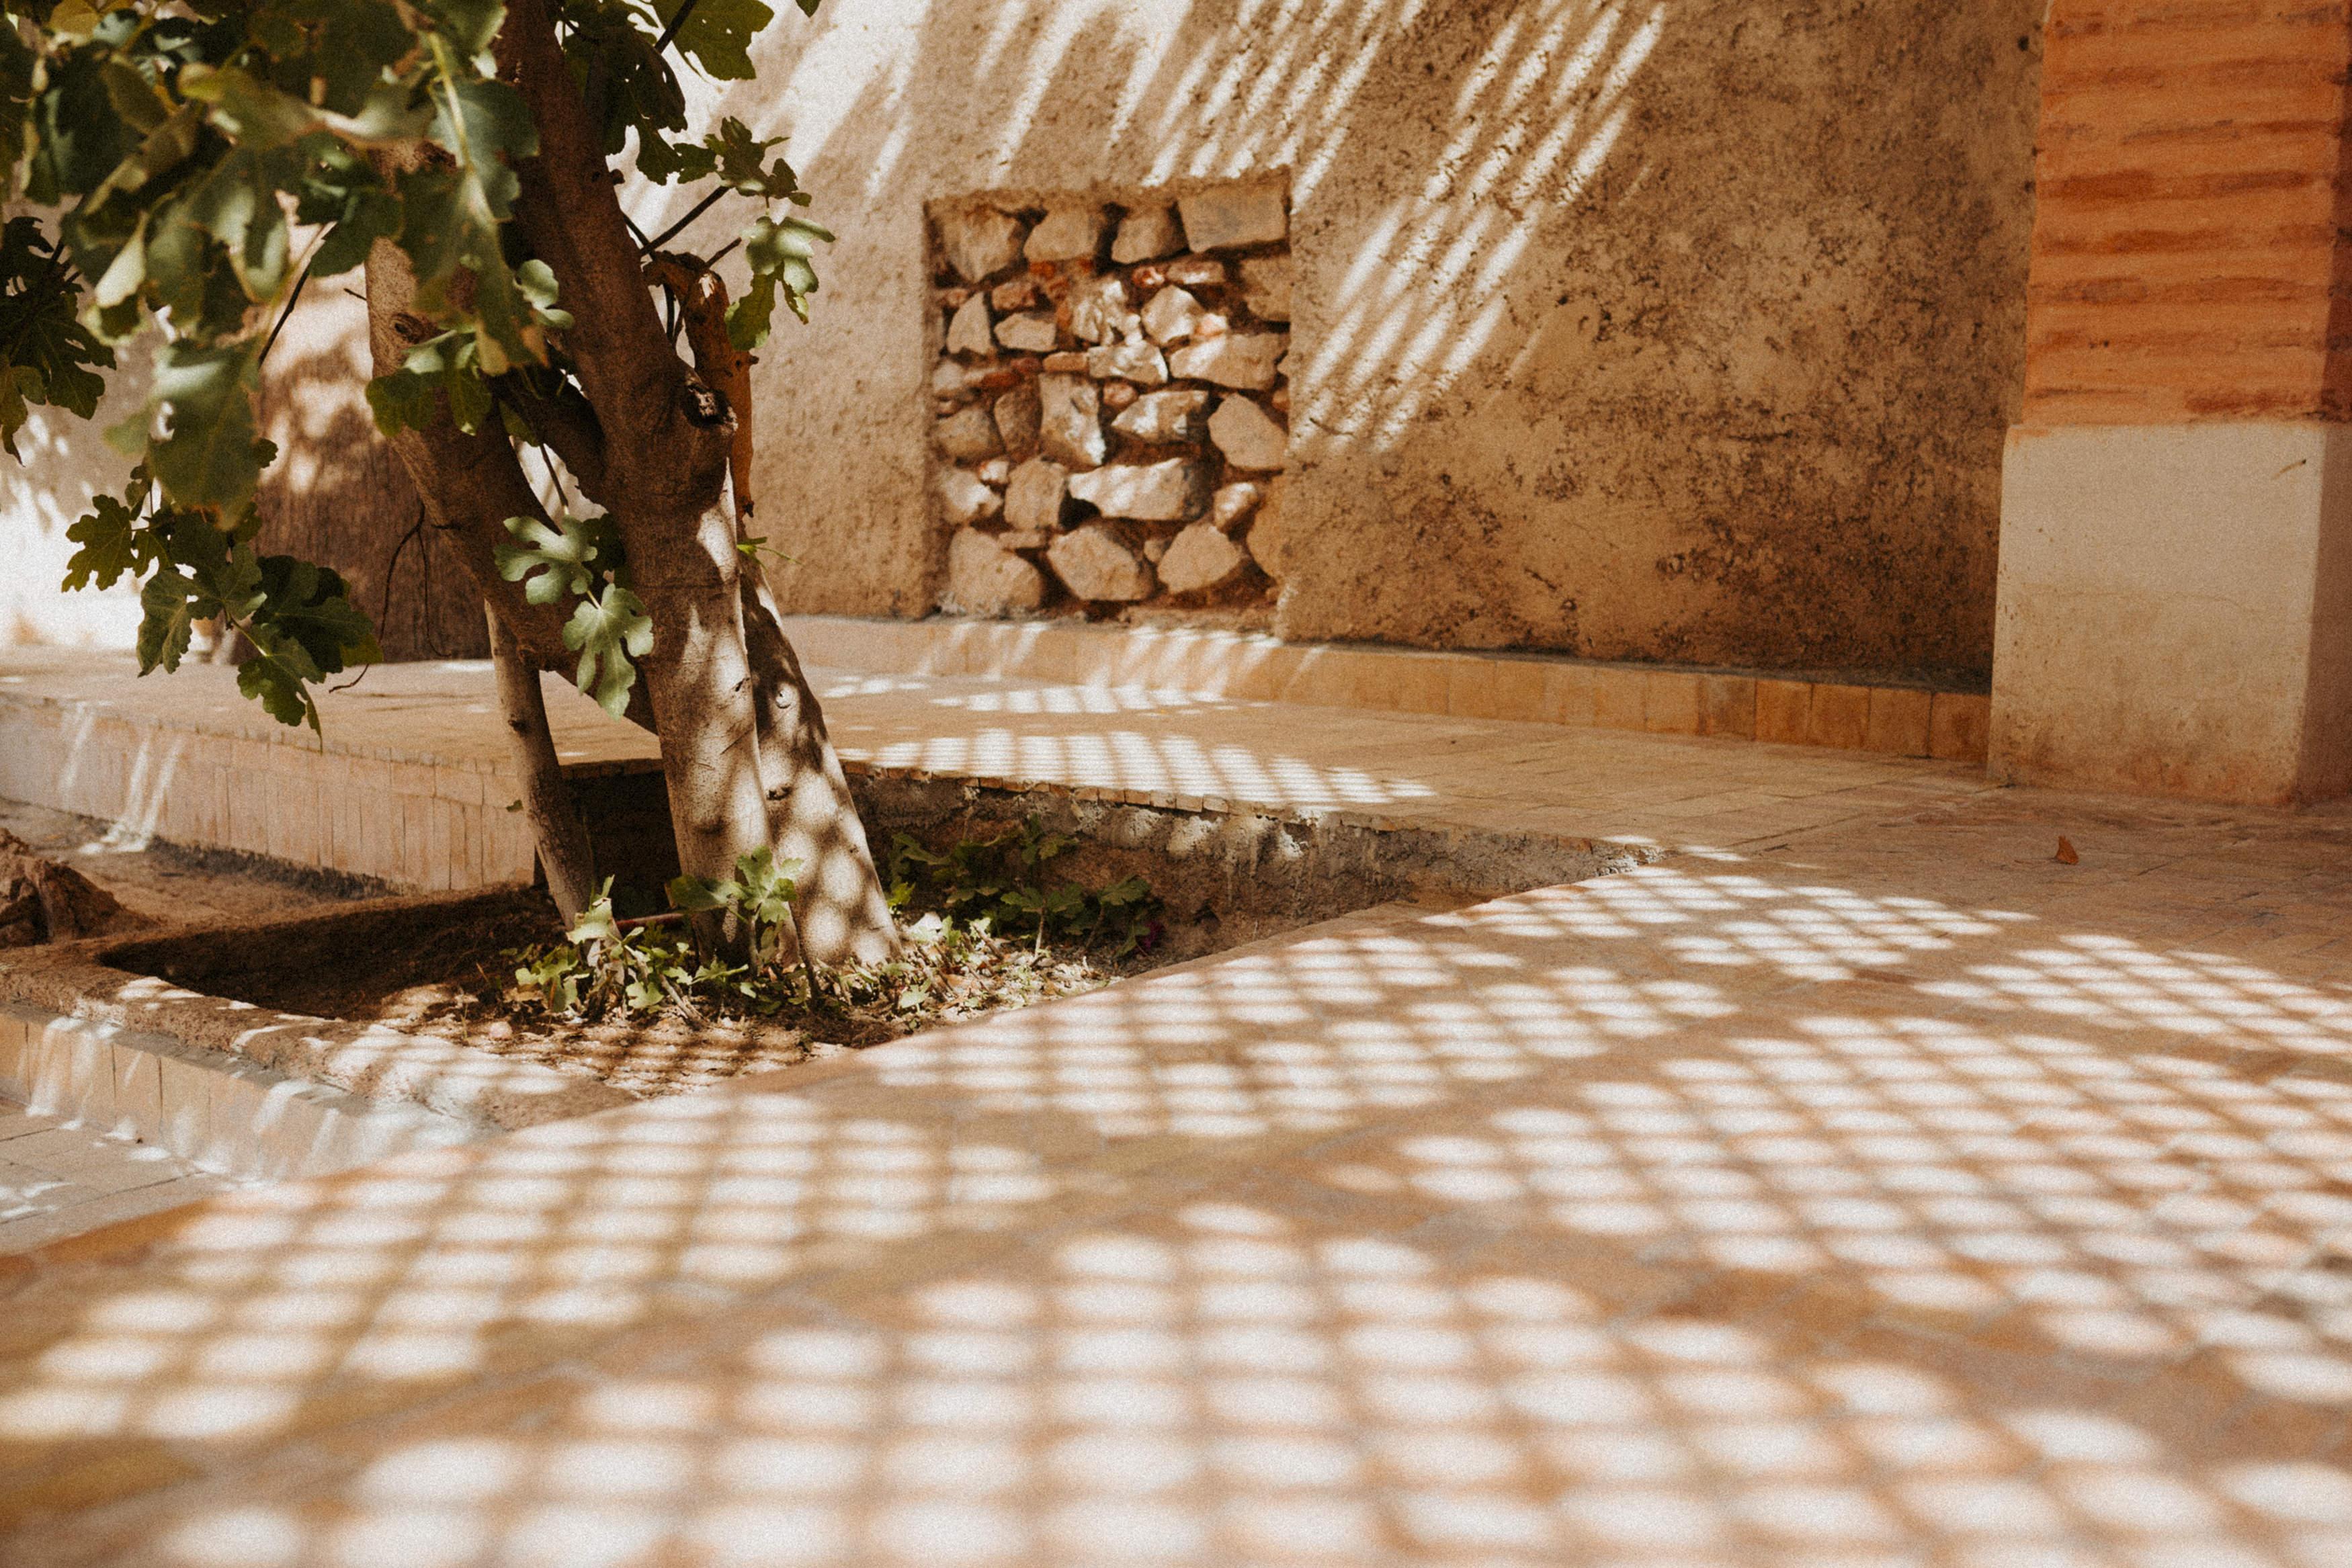 voyage a marrakech, ailleurs et autrement, narrateurs de vie, elles&euxphotographie, lifestyle photographer, french riviera photographer, photographe lifestyle, photographe marrakech, photographe maroc, photographe voyage, photographe cannes, photographe grasse, photographe french riviera, photos lumiere, english speaking photographer, projets perso